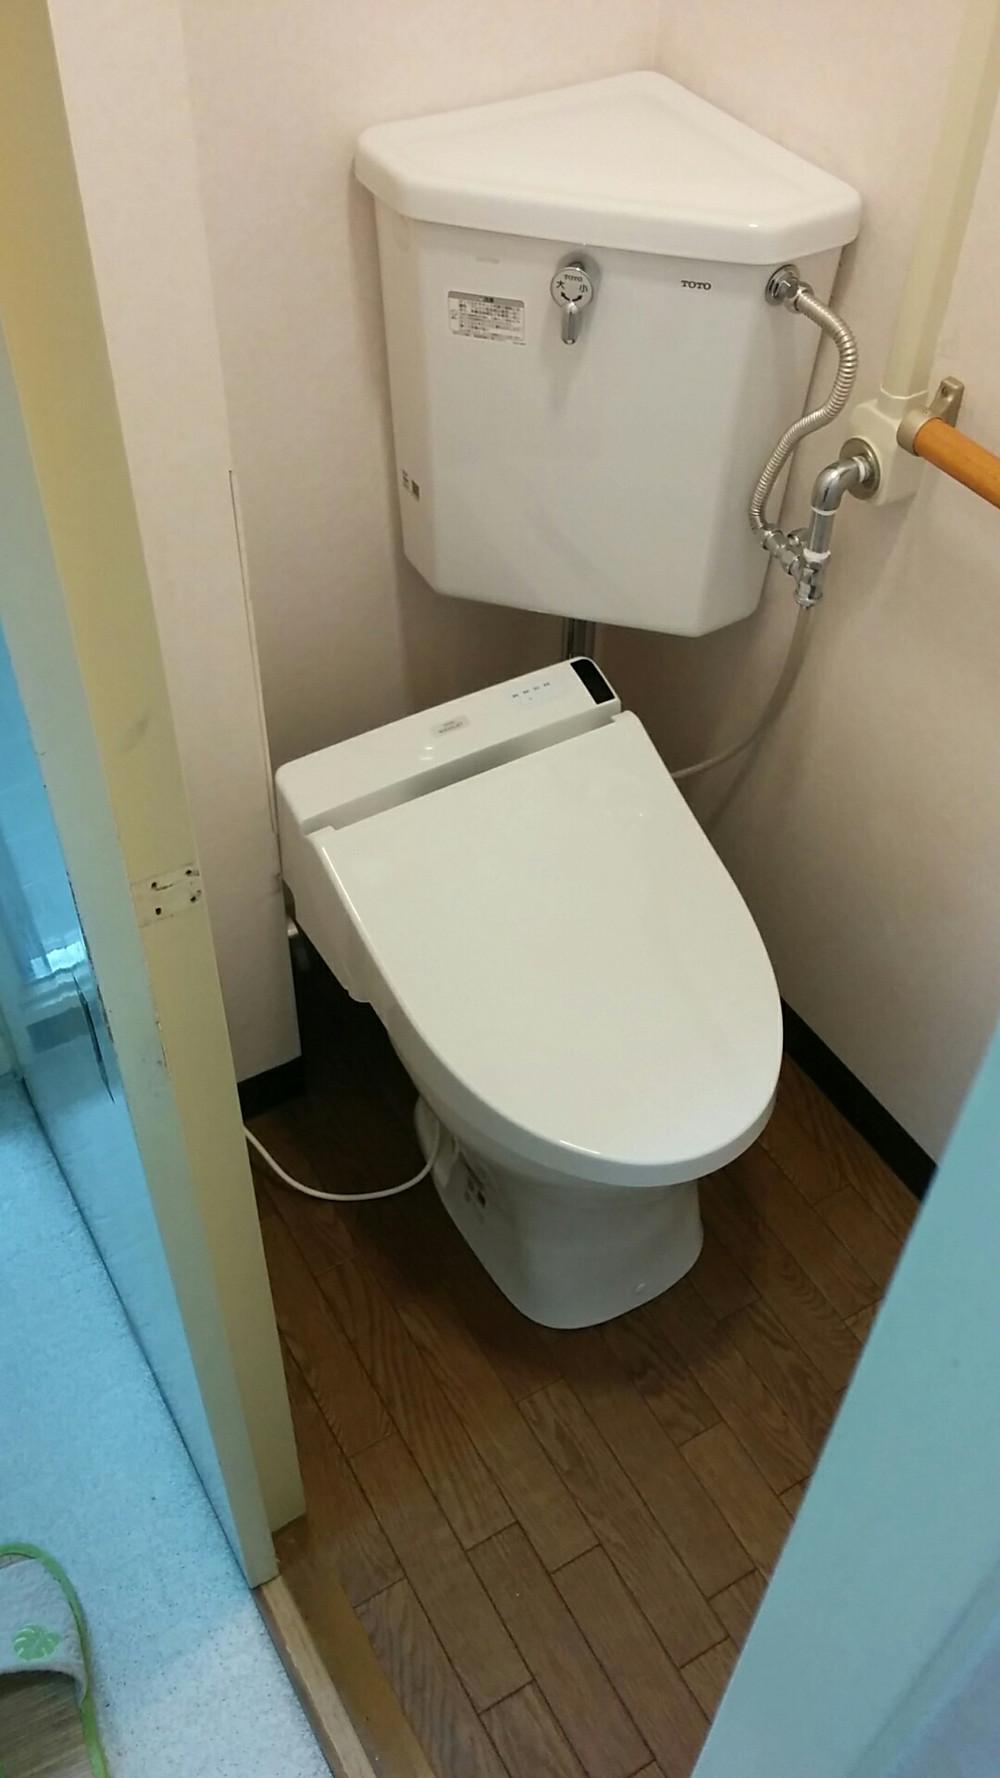 明石市 トイレ改装工事 施工後 隅付きタンク